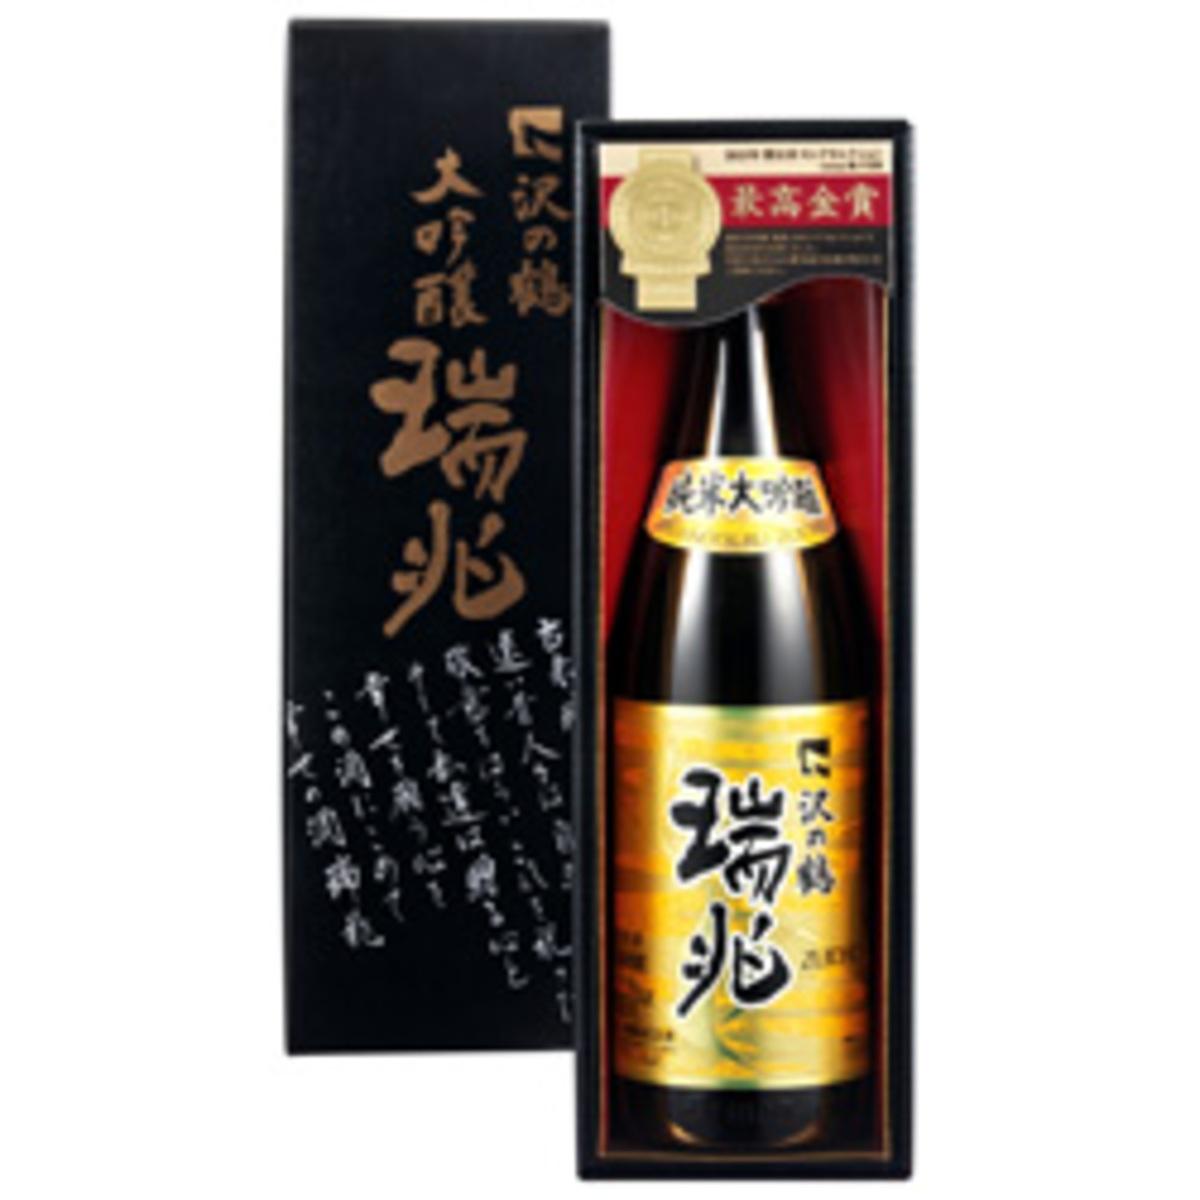 沢の鶴 纯米大吟釀「瑞兆」720ml